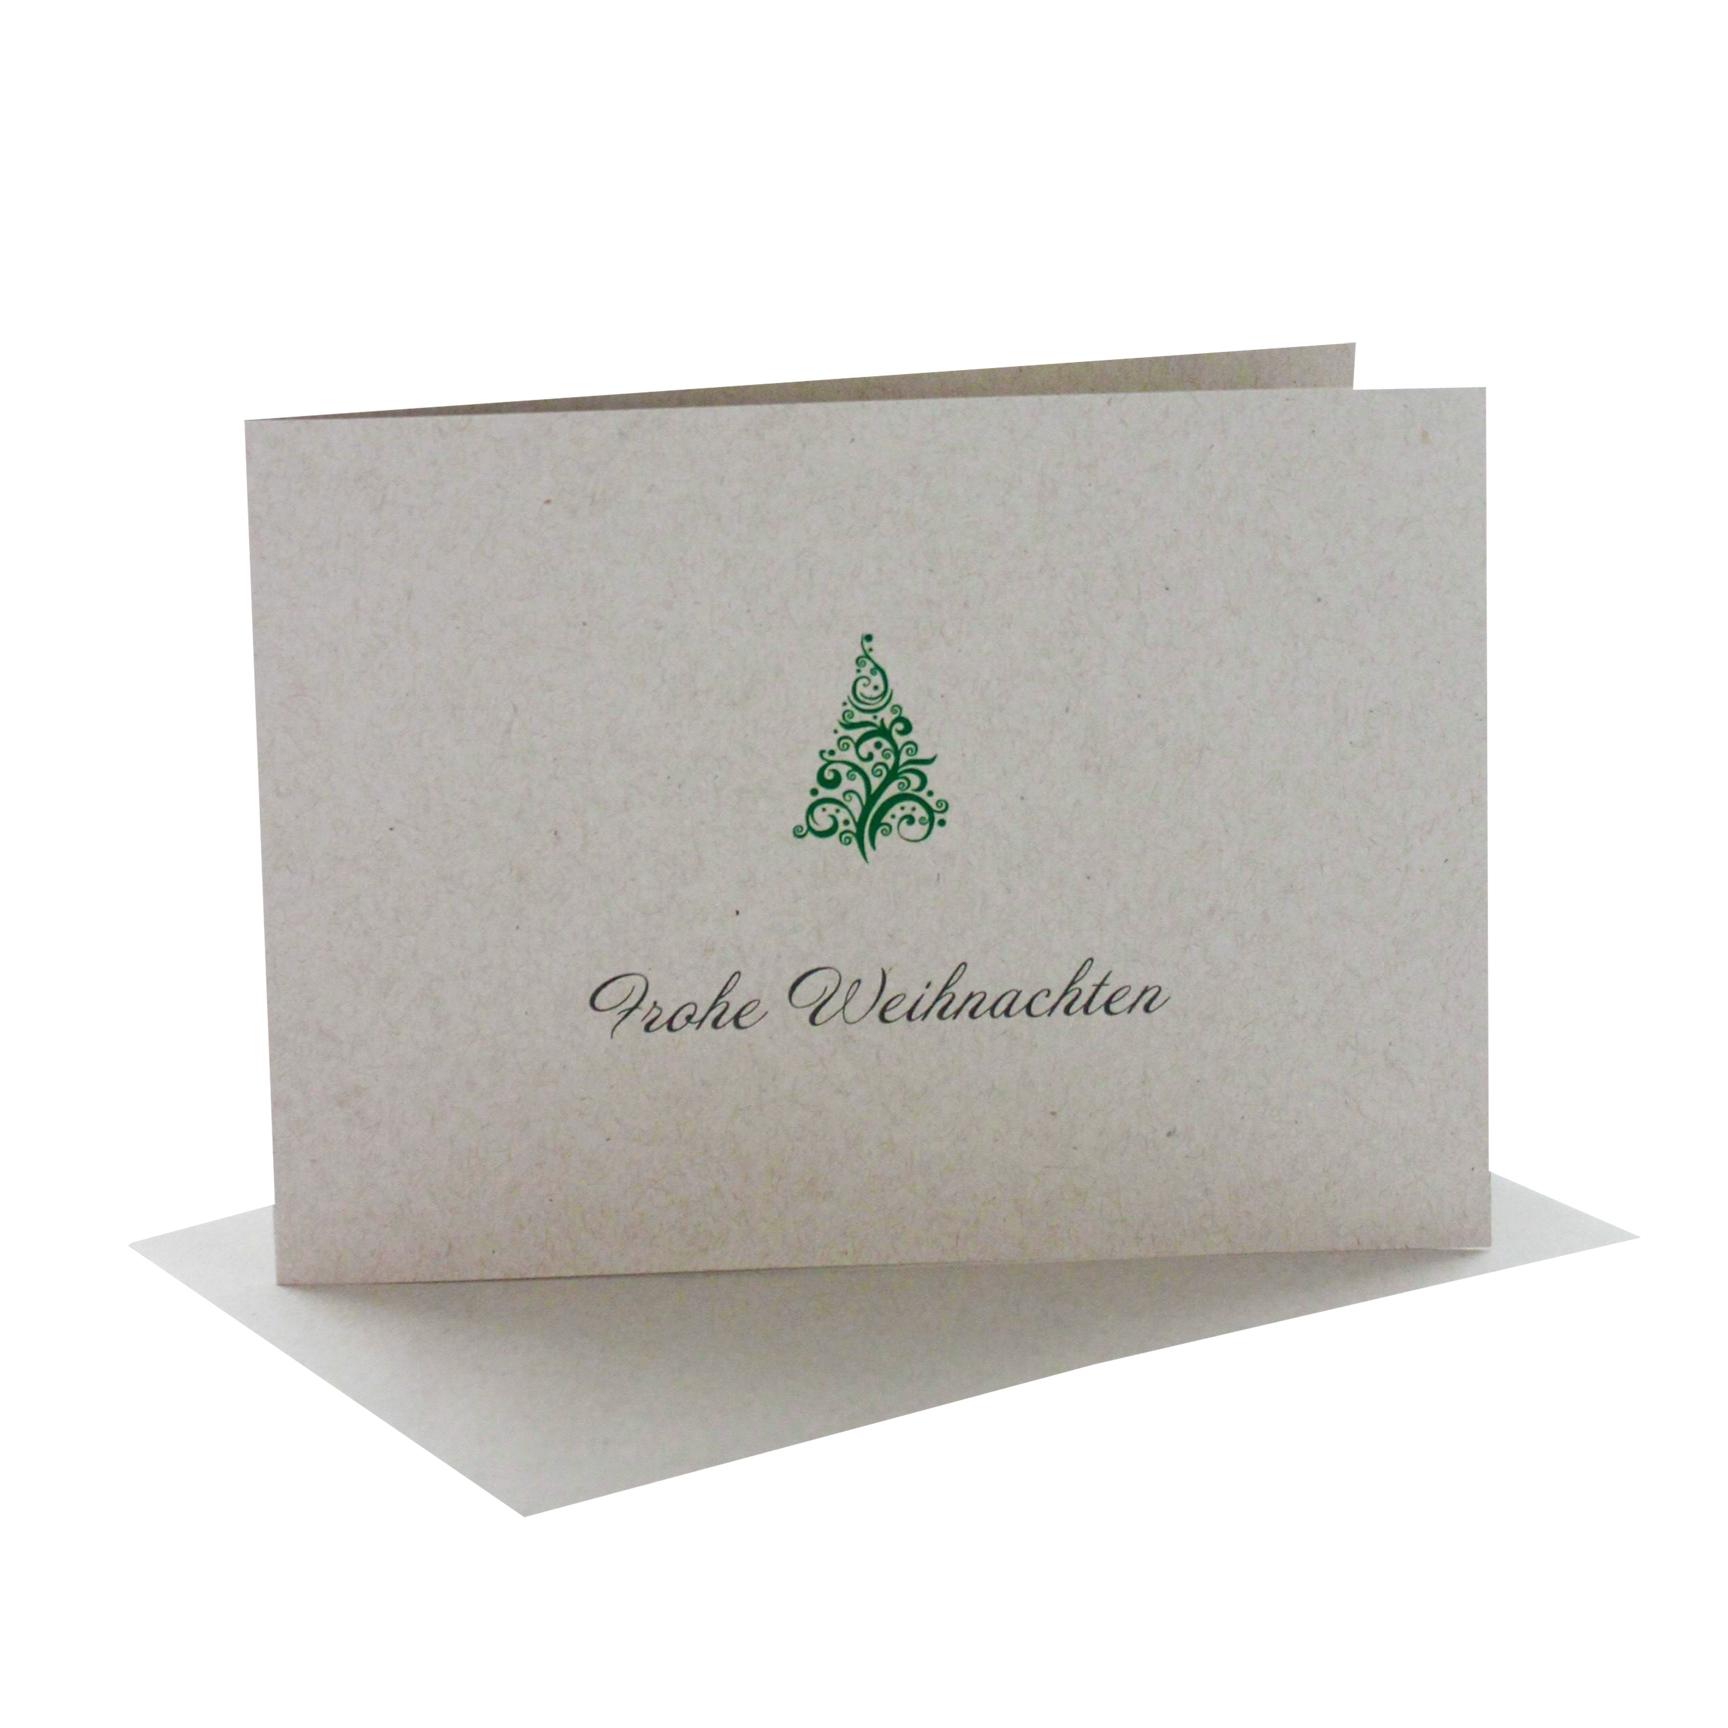 Weihnachtskarten Design DIN B 6 Querformat mit Aufdruck frohe Weihnachten und Baum